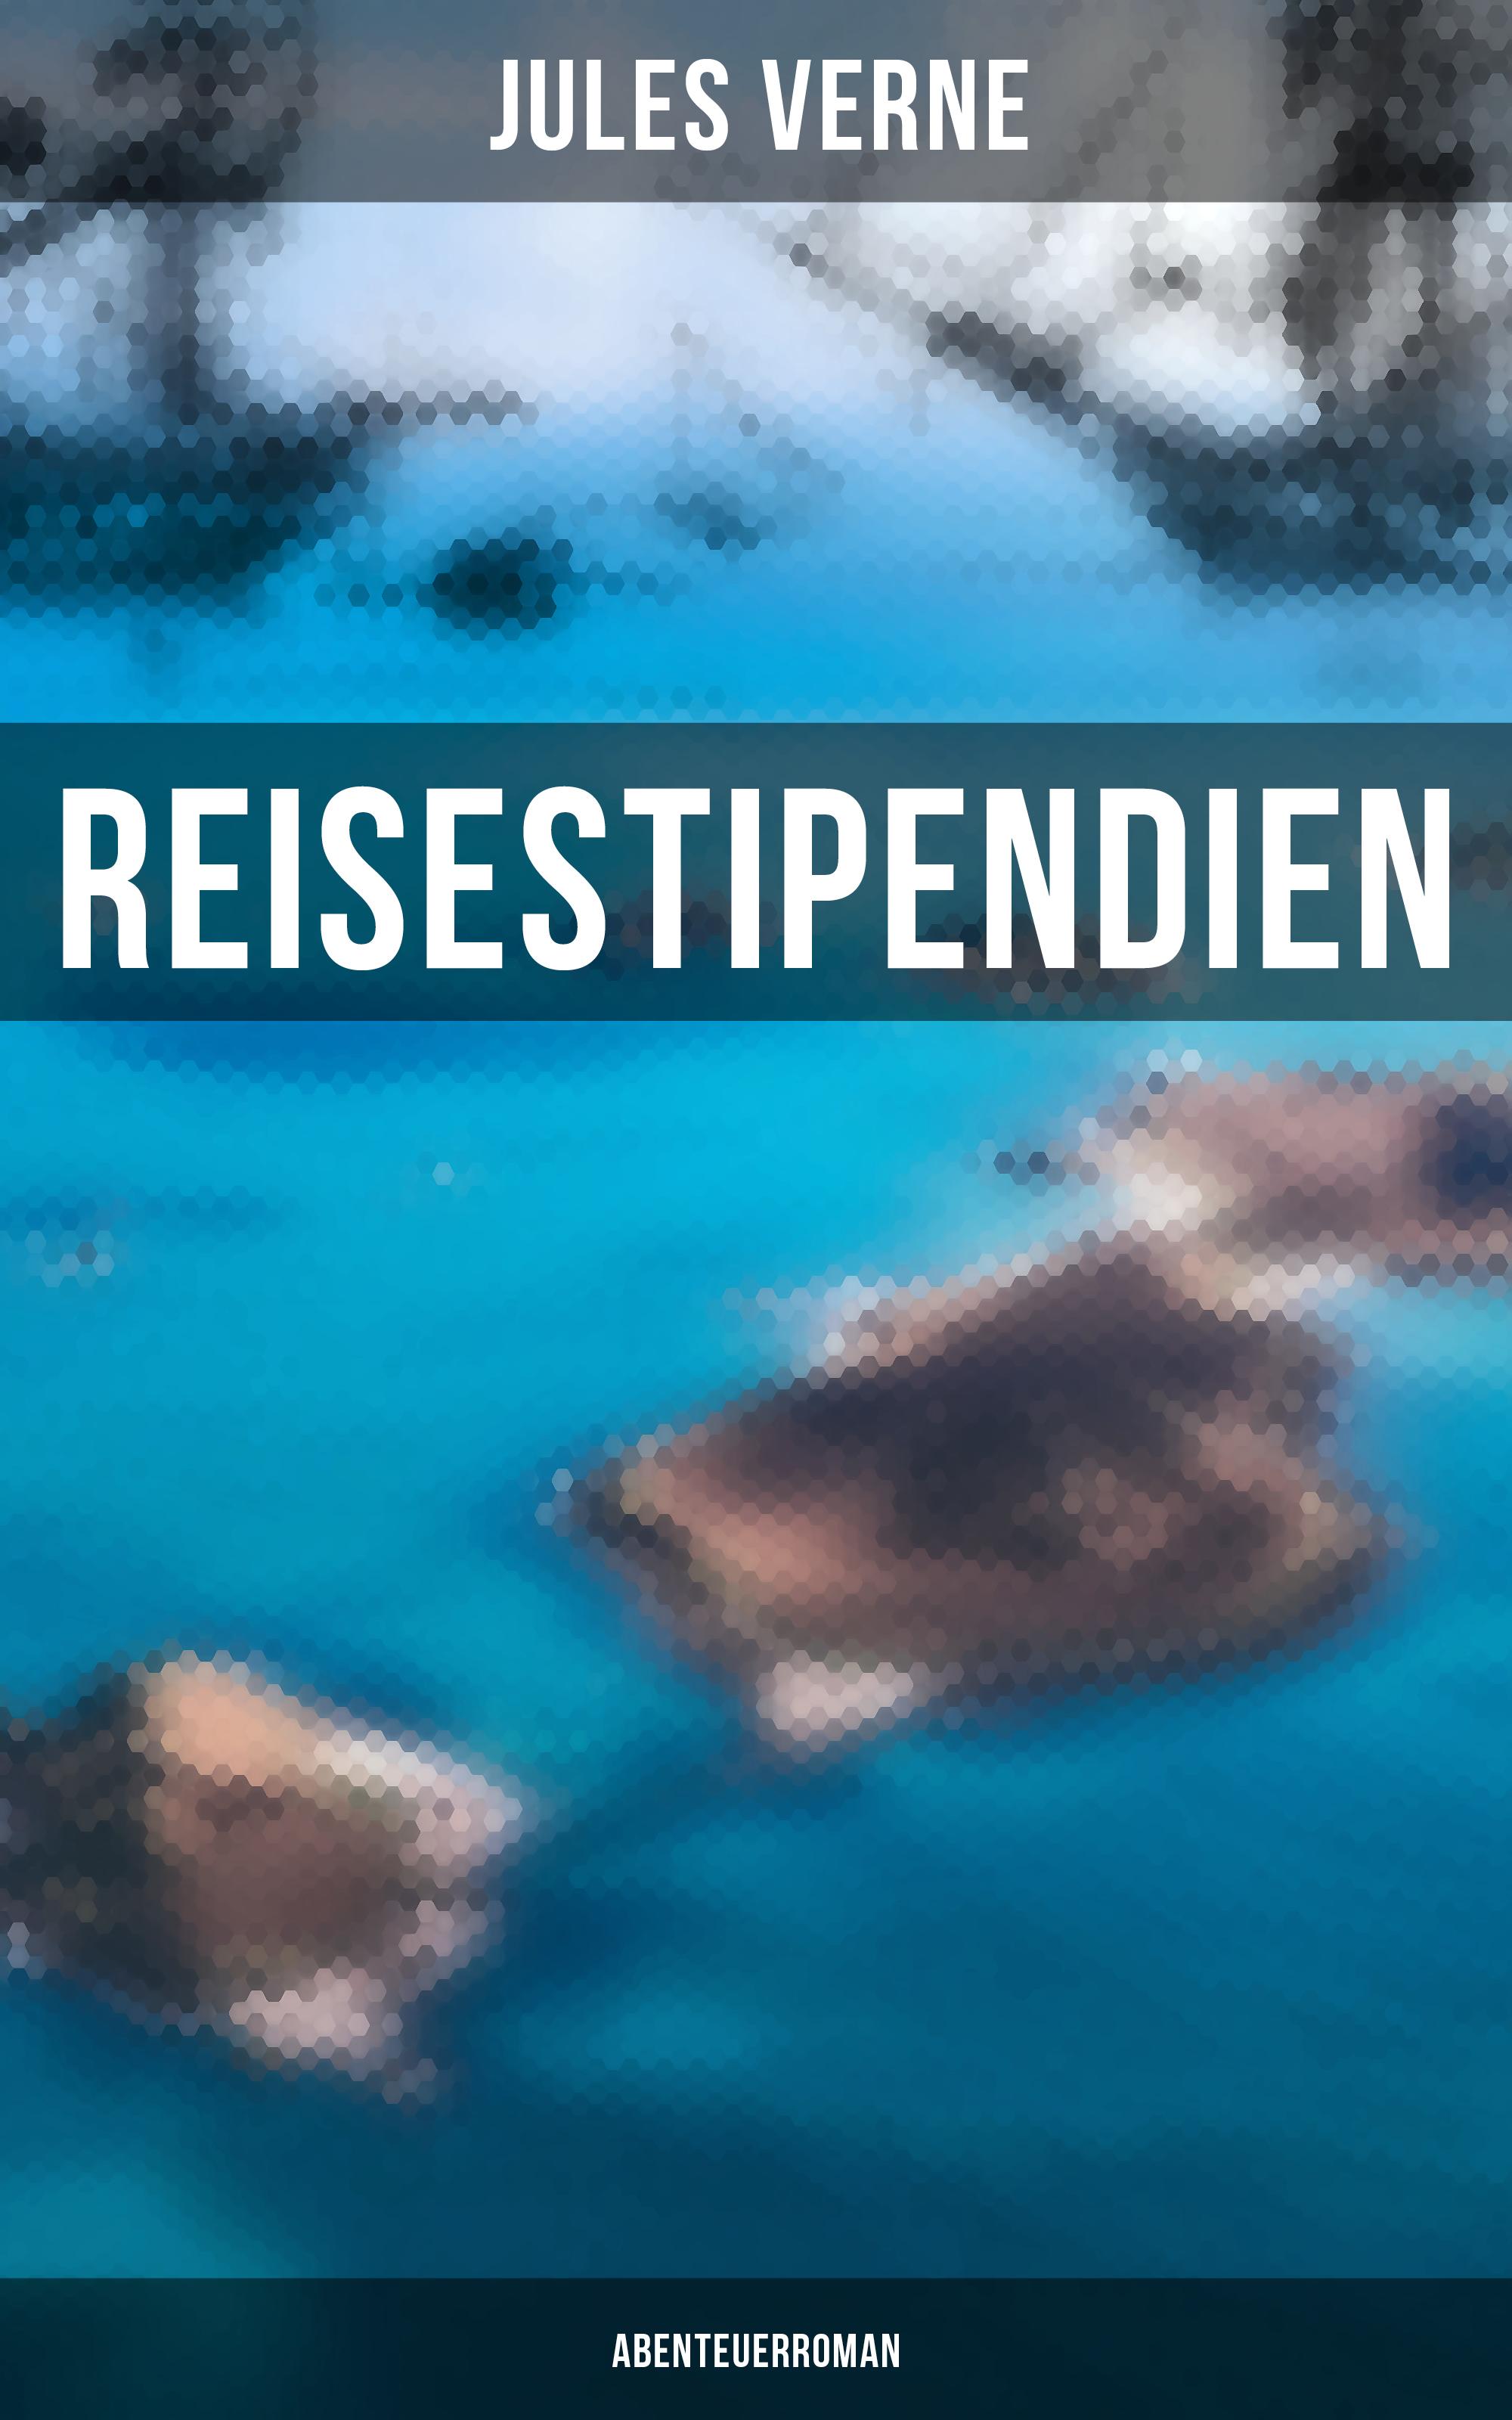 Фото - Жюль Верн Reisestipendien: Abenteuerroman жюль верн приключения троих русских и троих англичан плавающий город священник в 1839 г